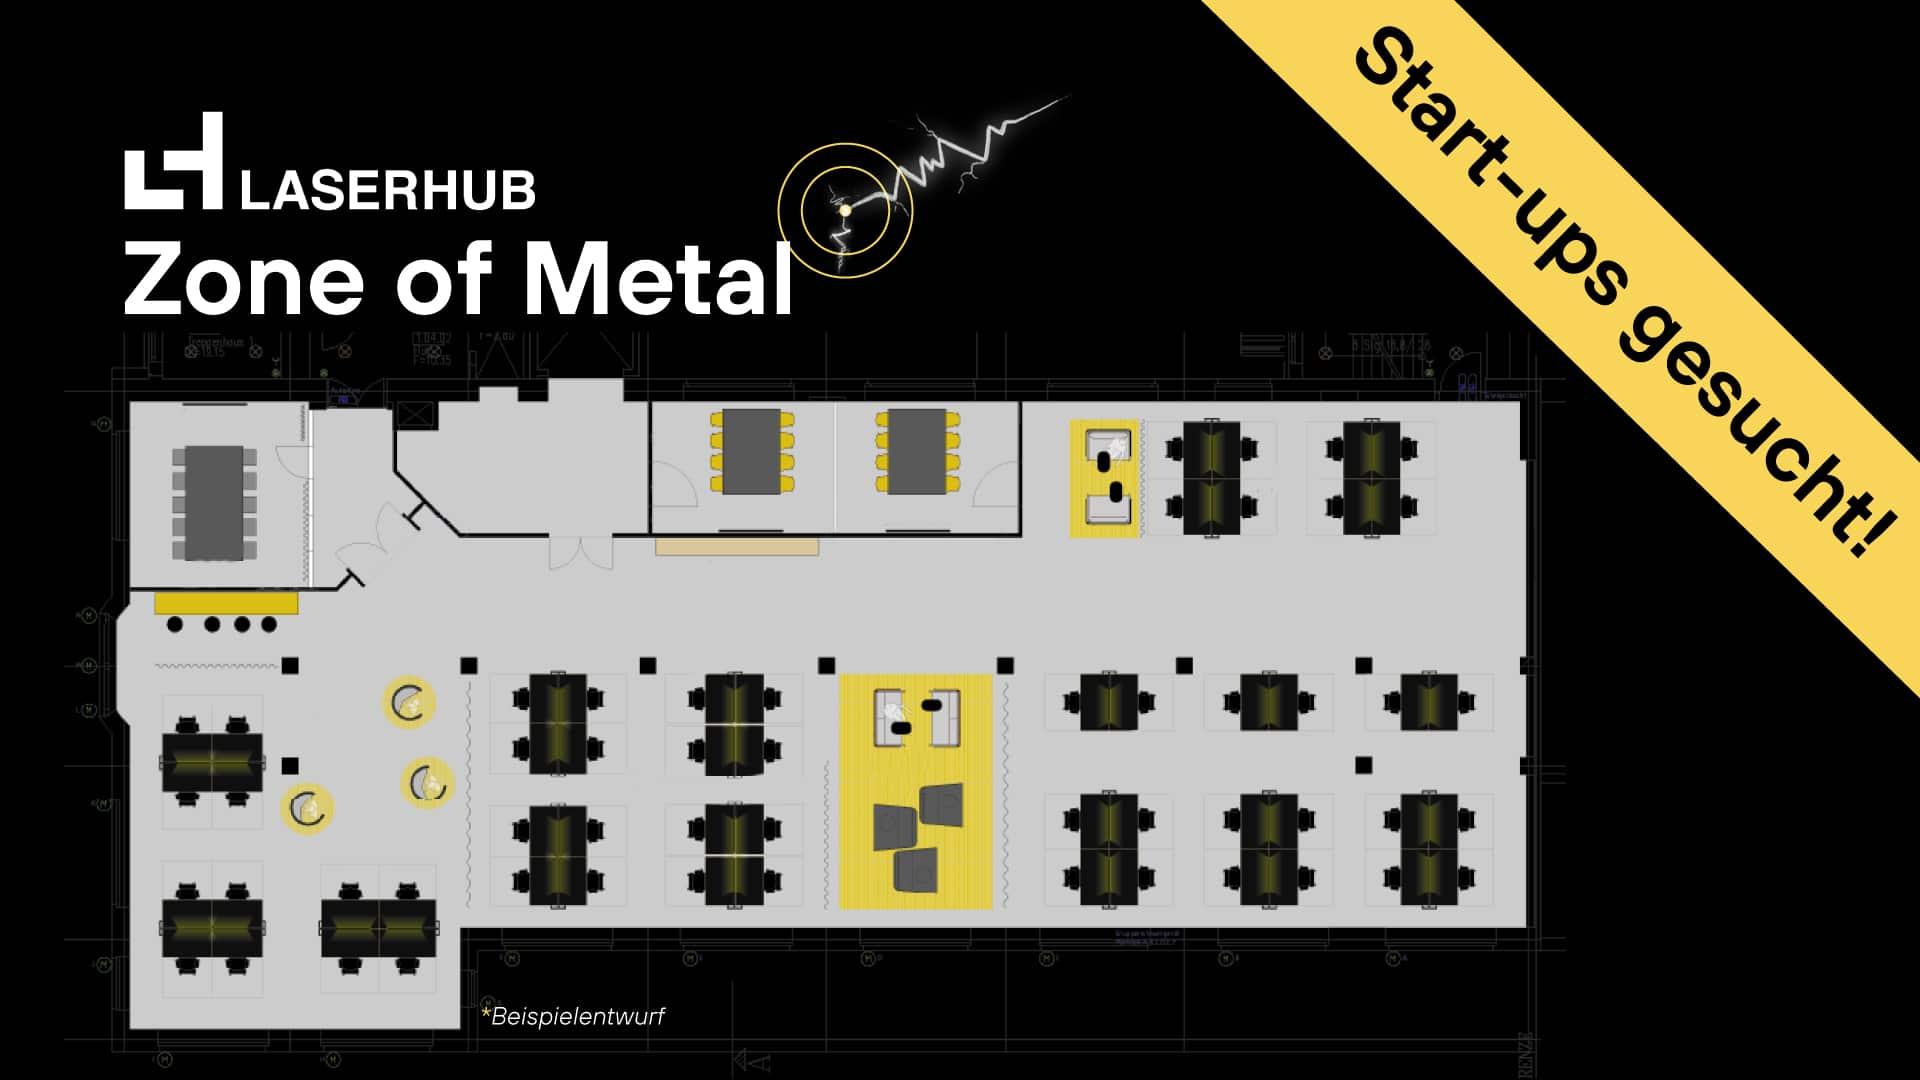 Illustration des Raumplans der Zone of Metal von Laserhub.